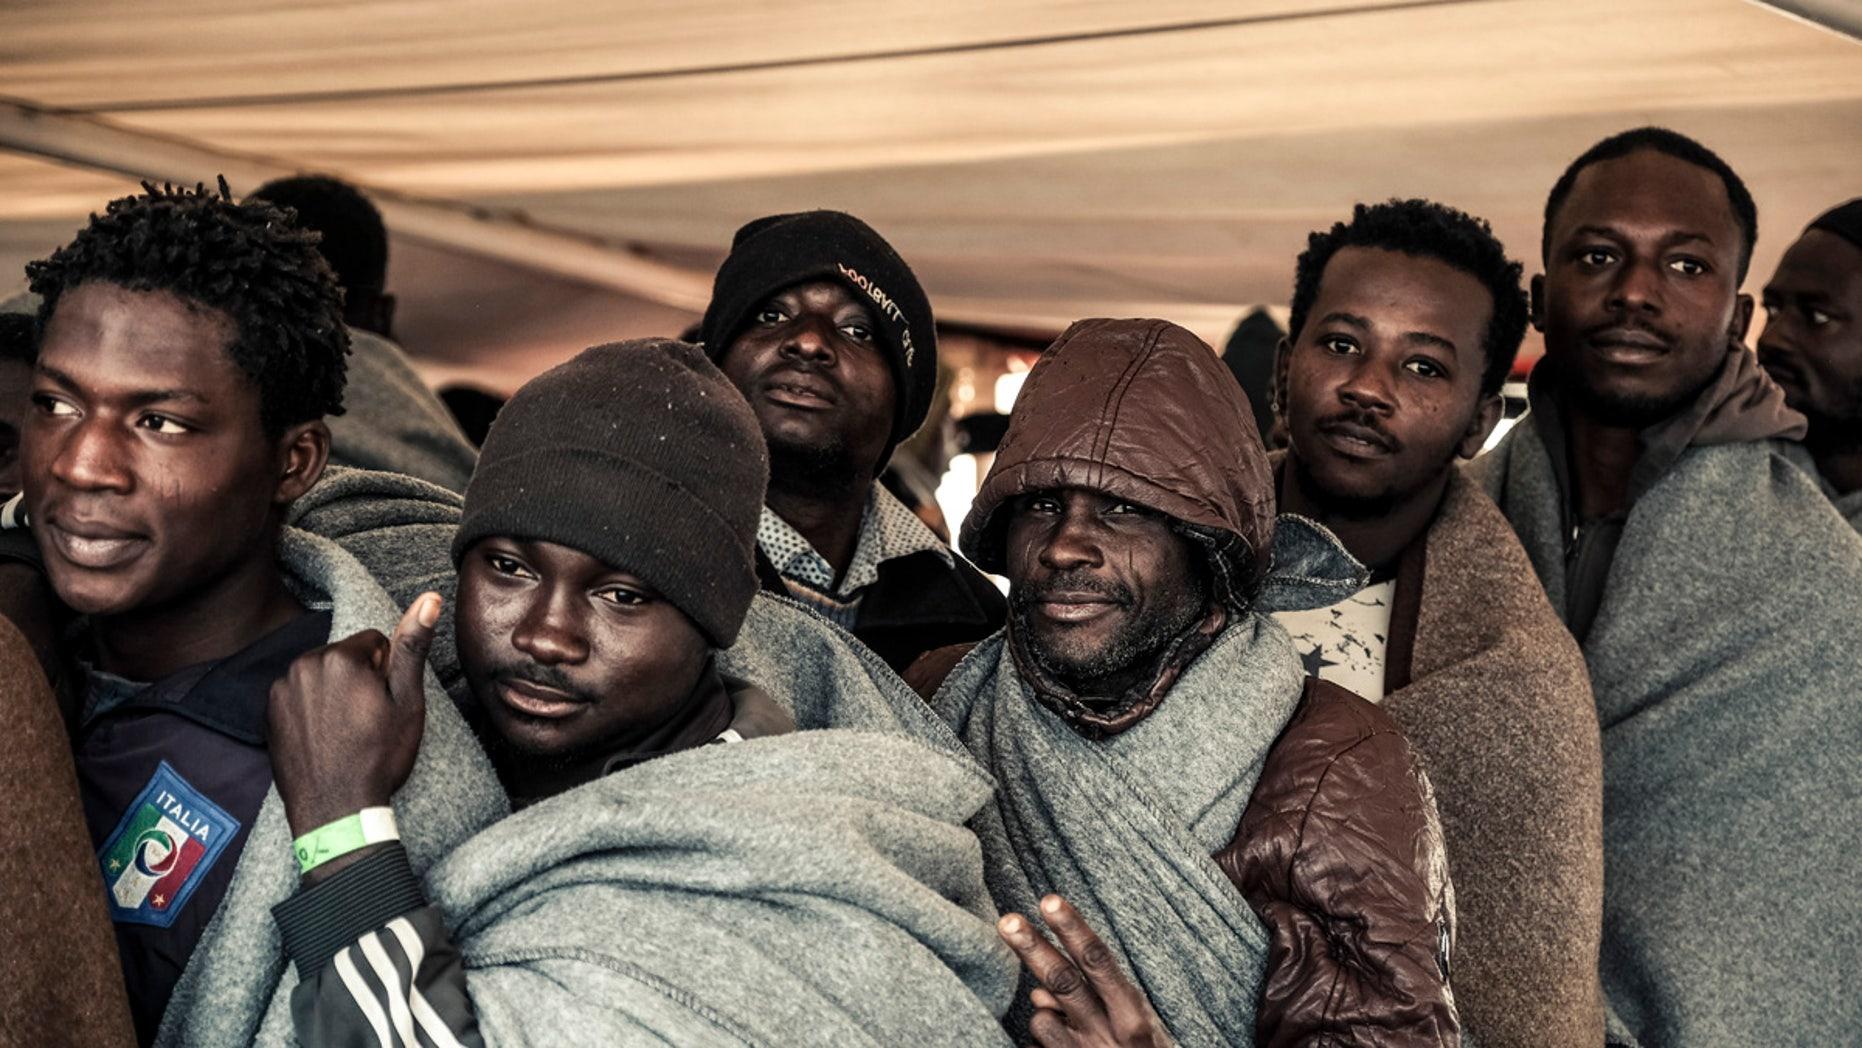 Migrants arrive at the Trapani harbor in Italy in November 2017.